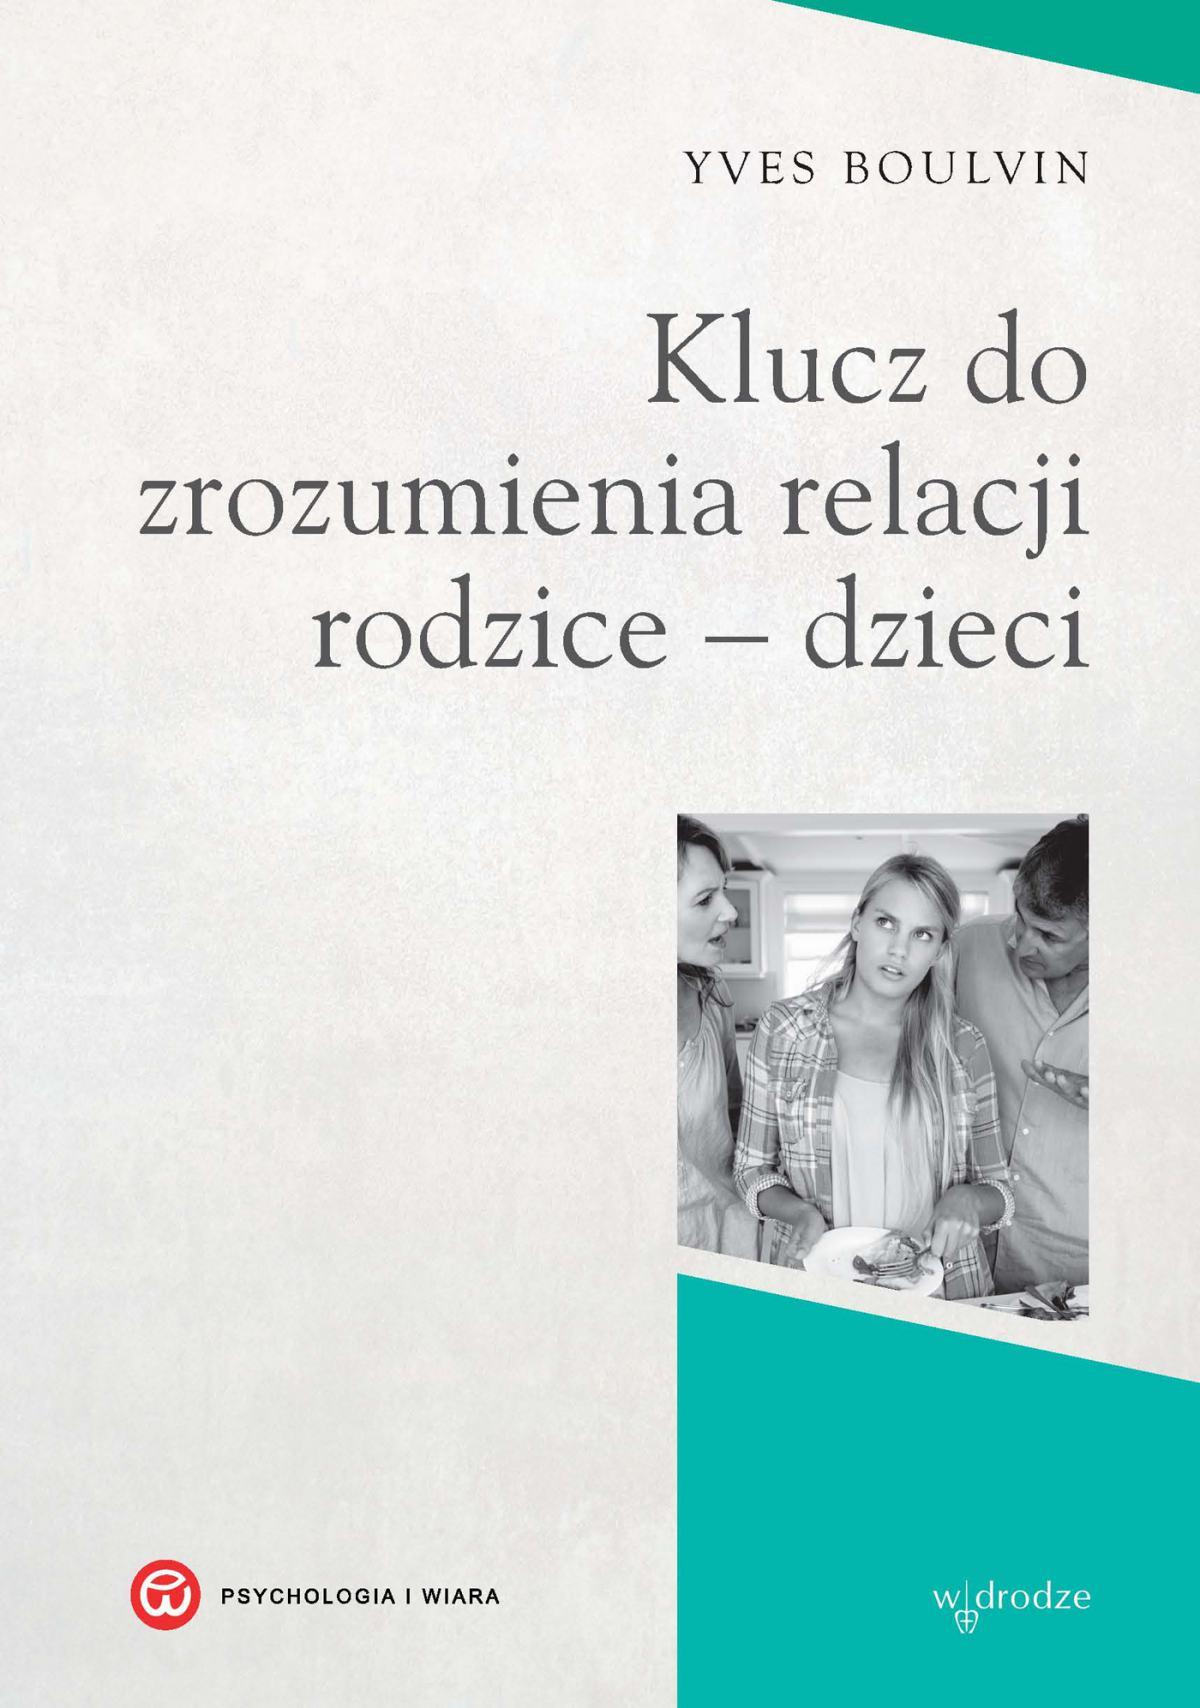 Klucz do zrozumienia relacji rodzice – dzieci - Ebook (Książka PDF) do pobrania w formacie PDF